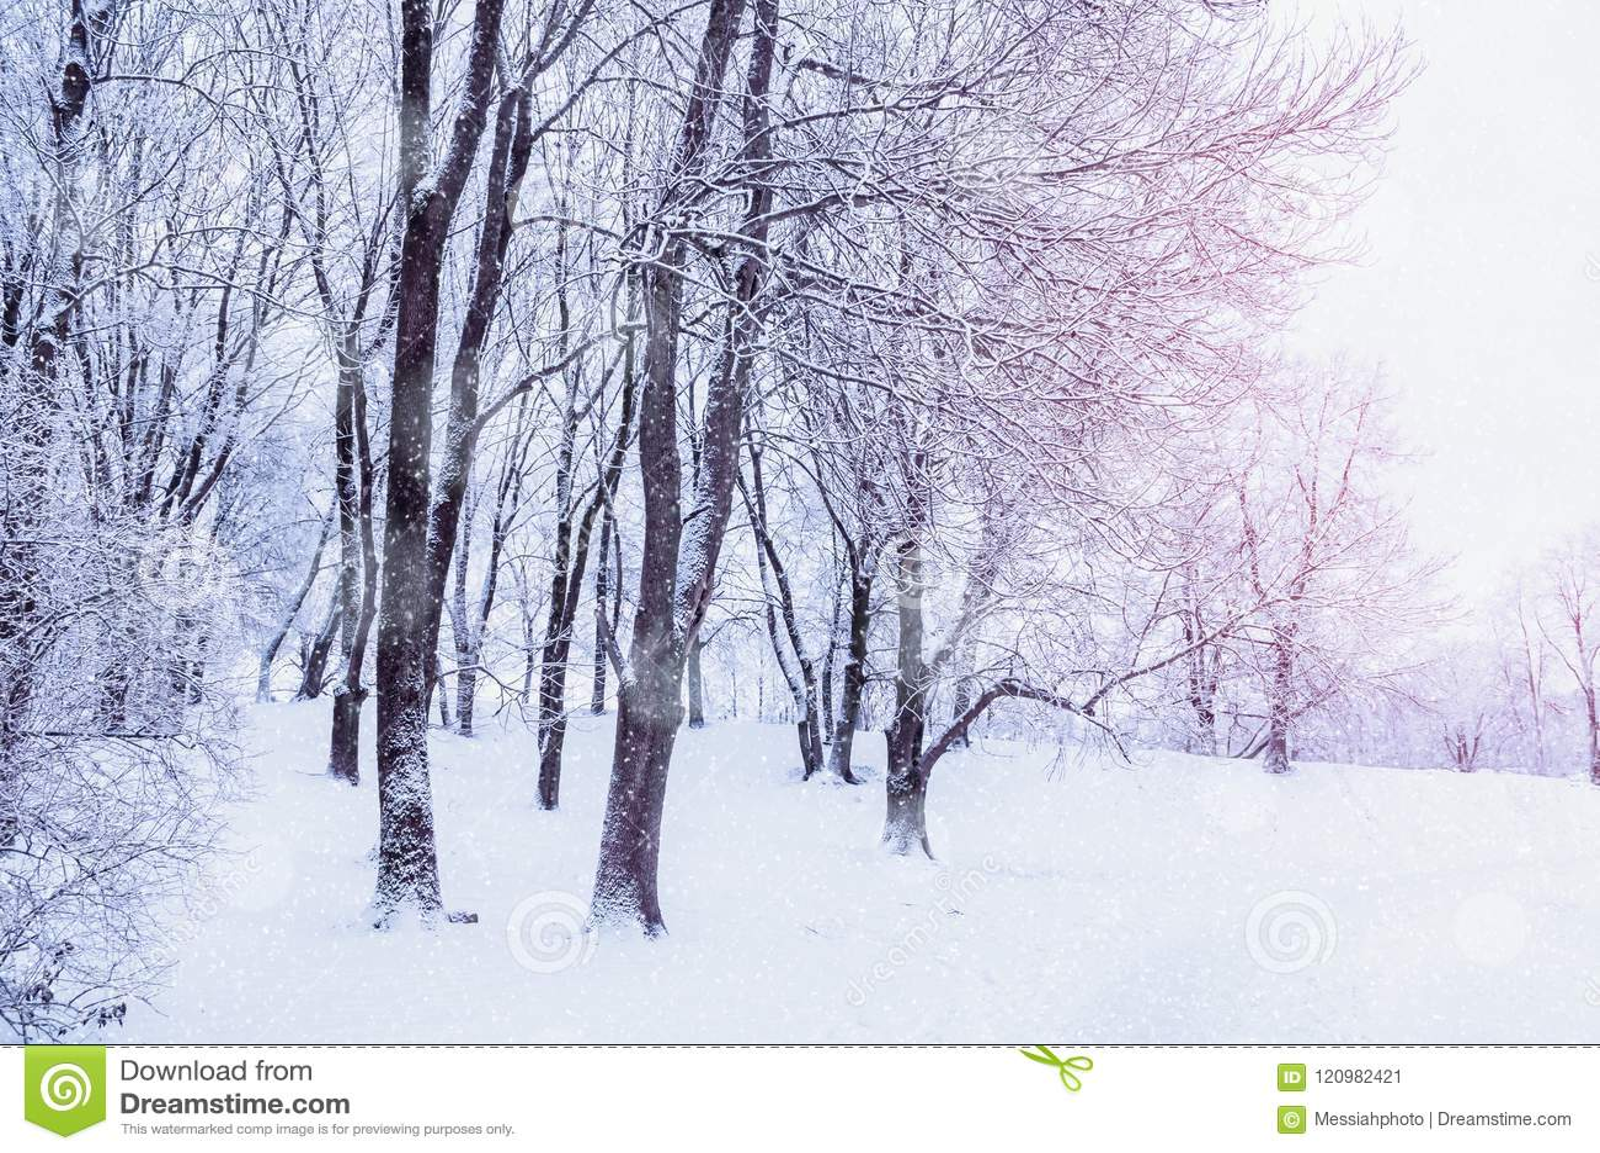 Paisagem do inverno com neve de queda - floresta do país das maravilhas com queda de neve no bosque do inverno CMYK básico